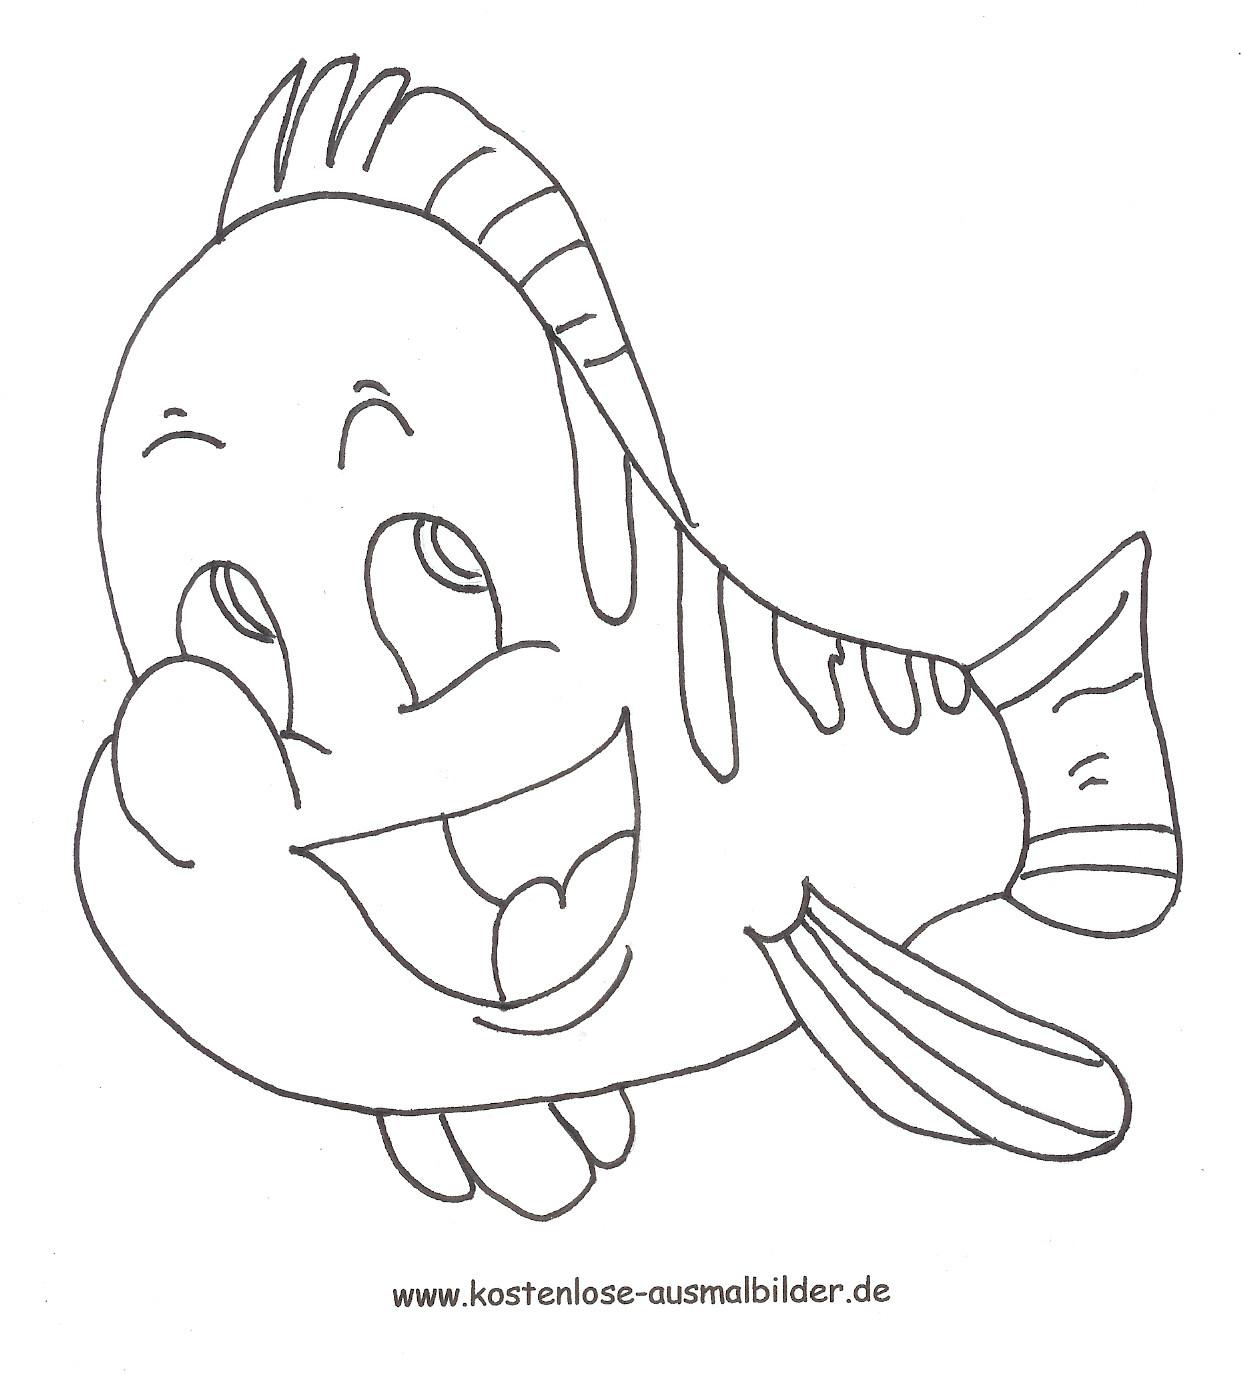 Kostenlose Malvorlagen  Pin Malvorlagen Ausmalbilder Fisch Von Arielle on Pinterest